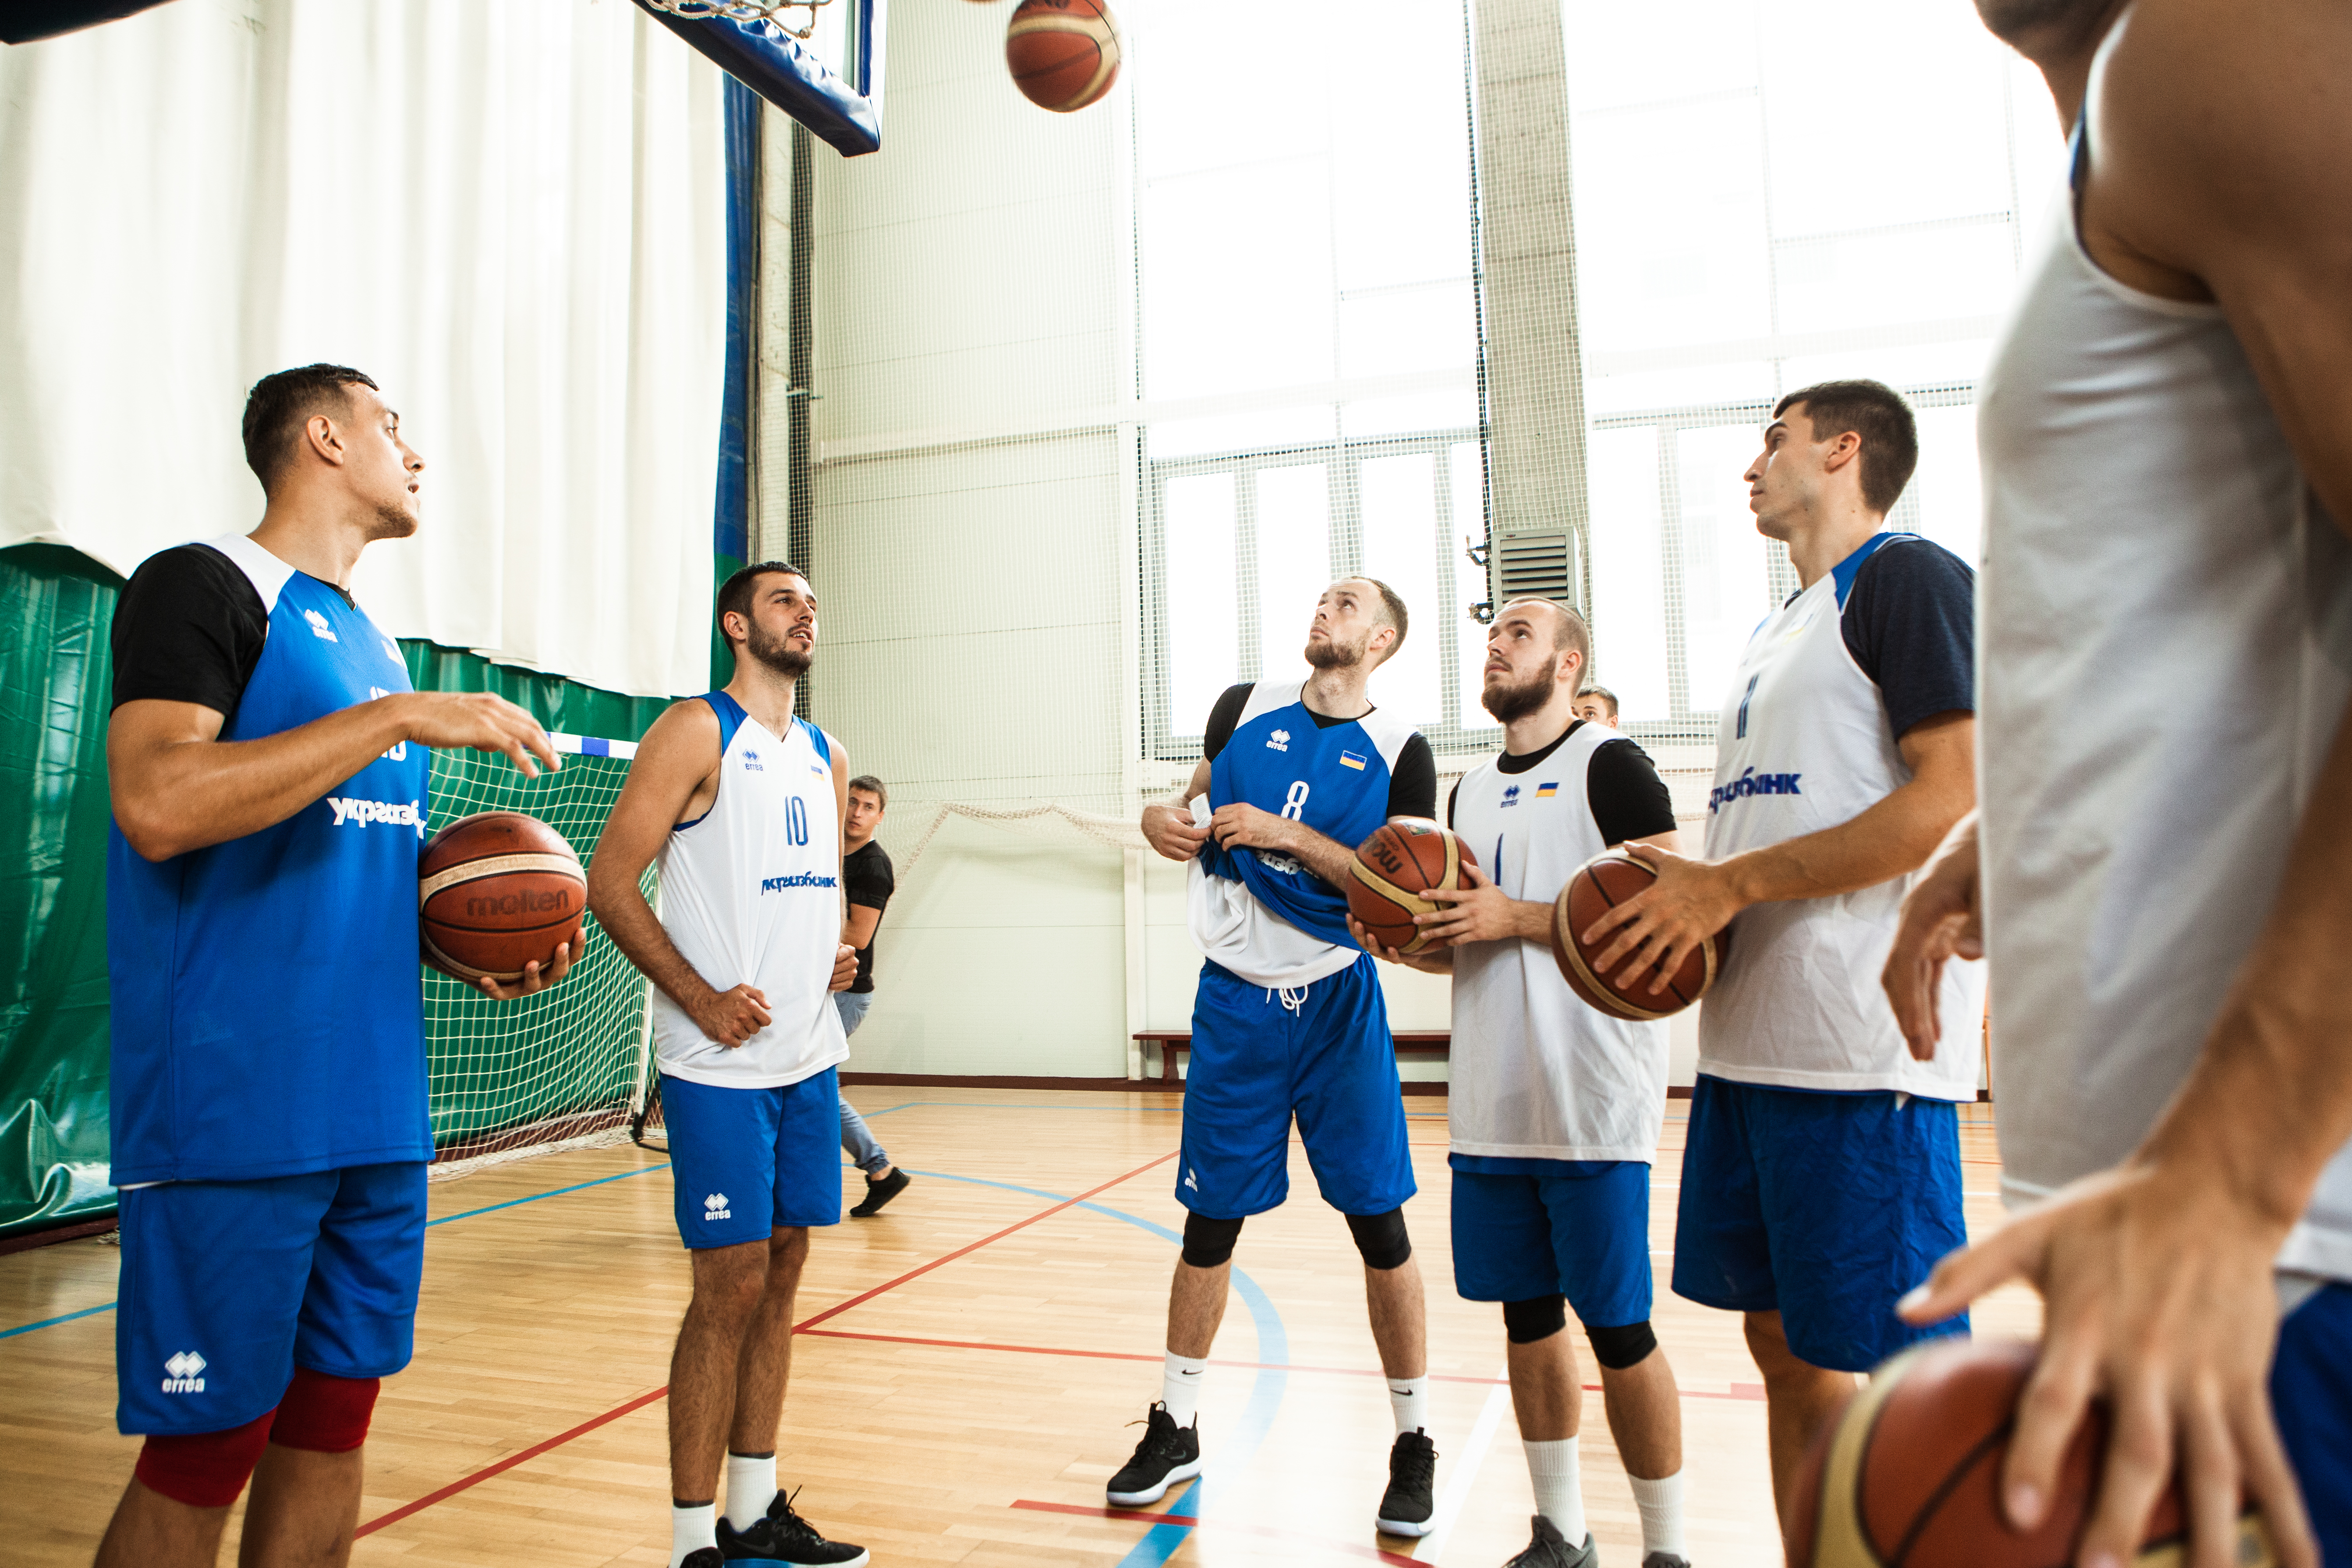 Визначено план підготовки чоловічої збірної України до перших матчів у відборі на Євробаскет-2021